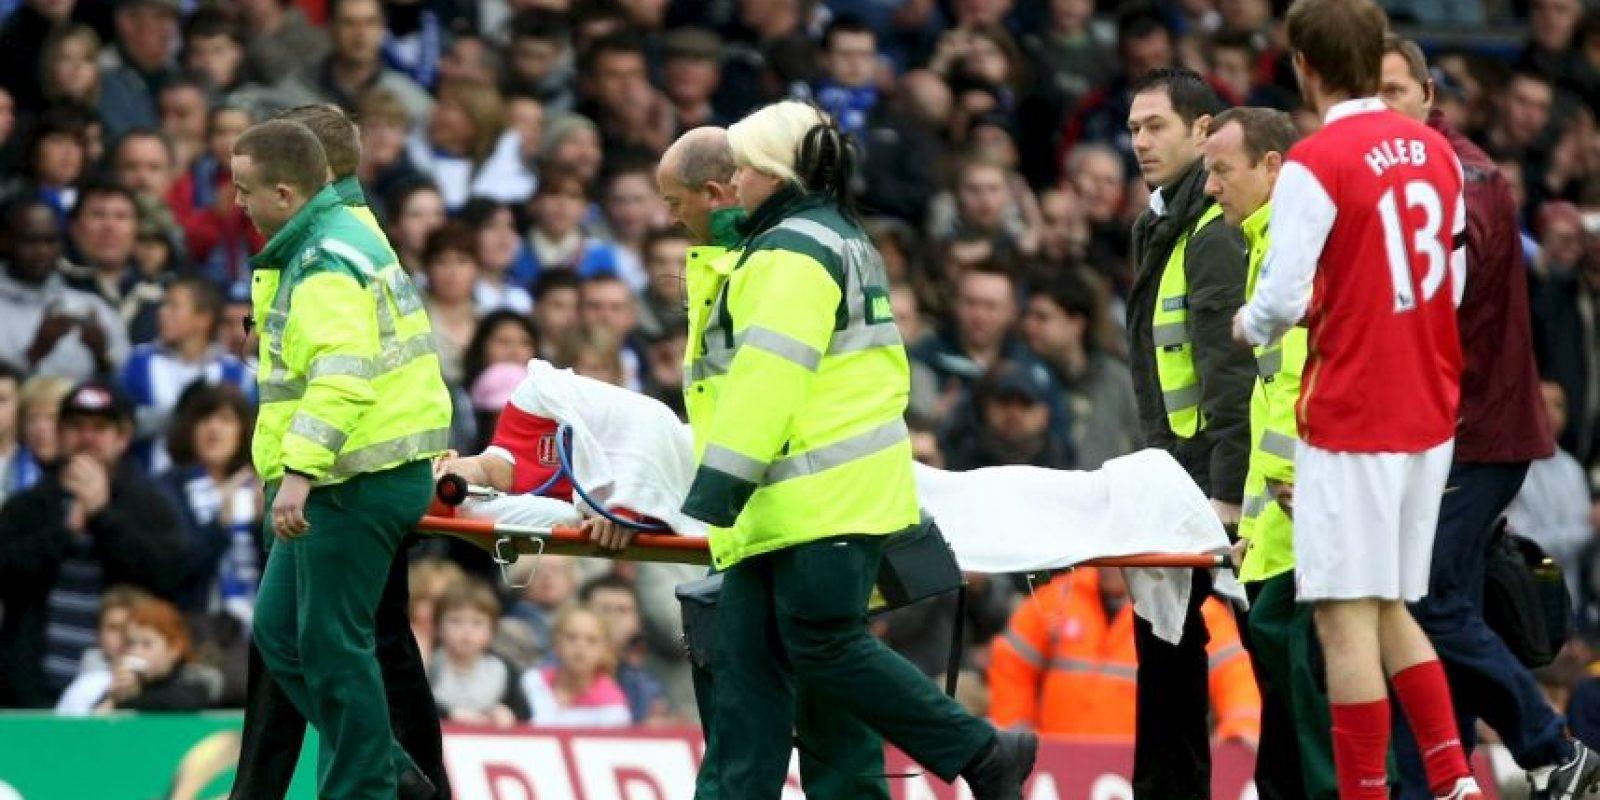 Una dura entrada de rival le fracturó tibia y peroné. Foto:Getty Images